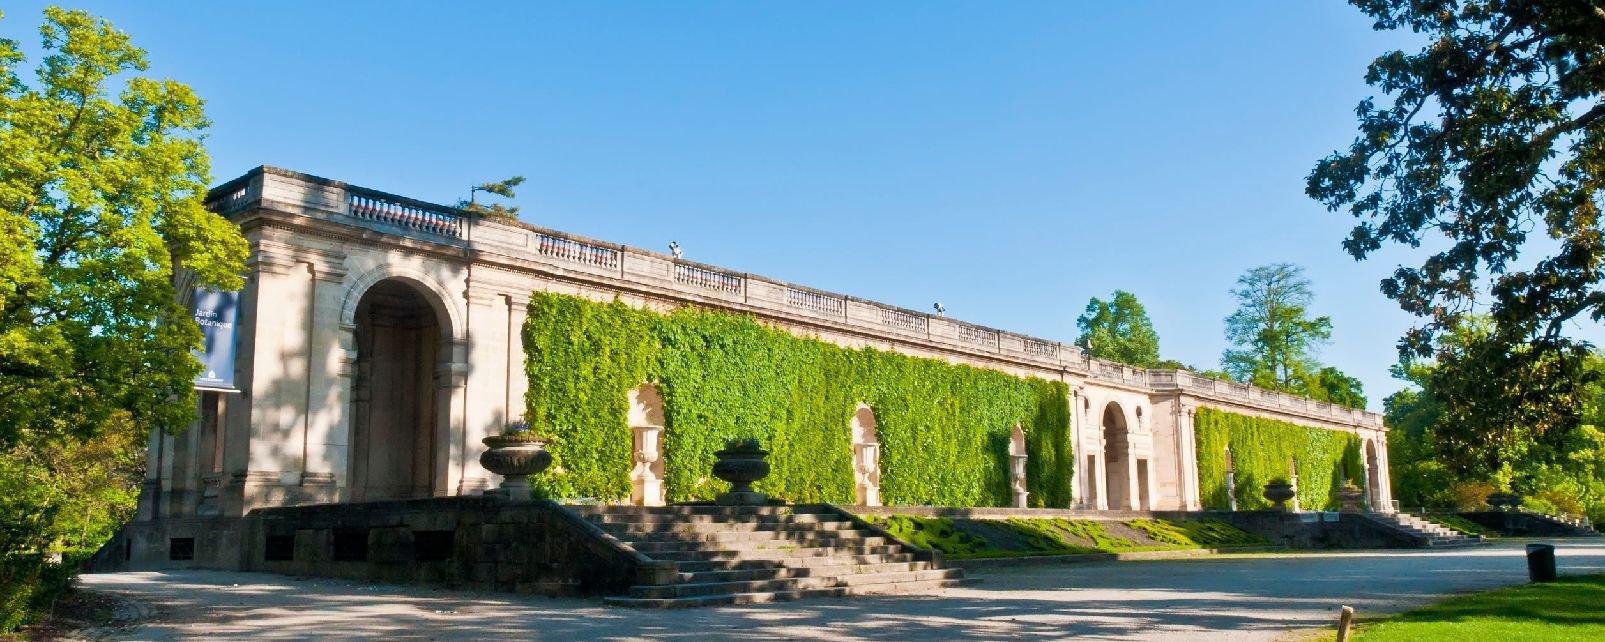 Le jardin botanique aquitaine france Le jardin francais